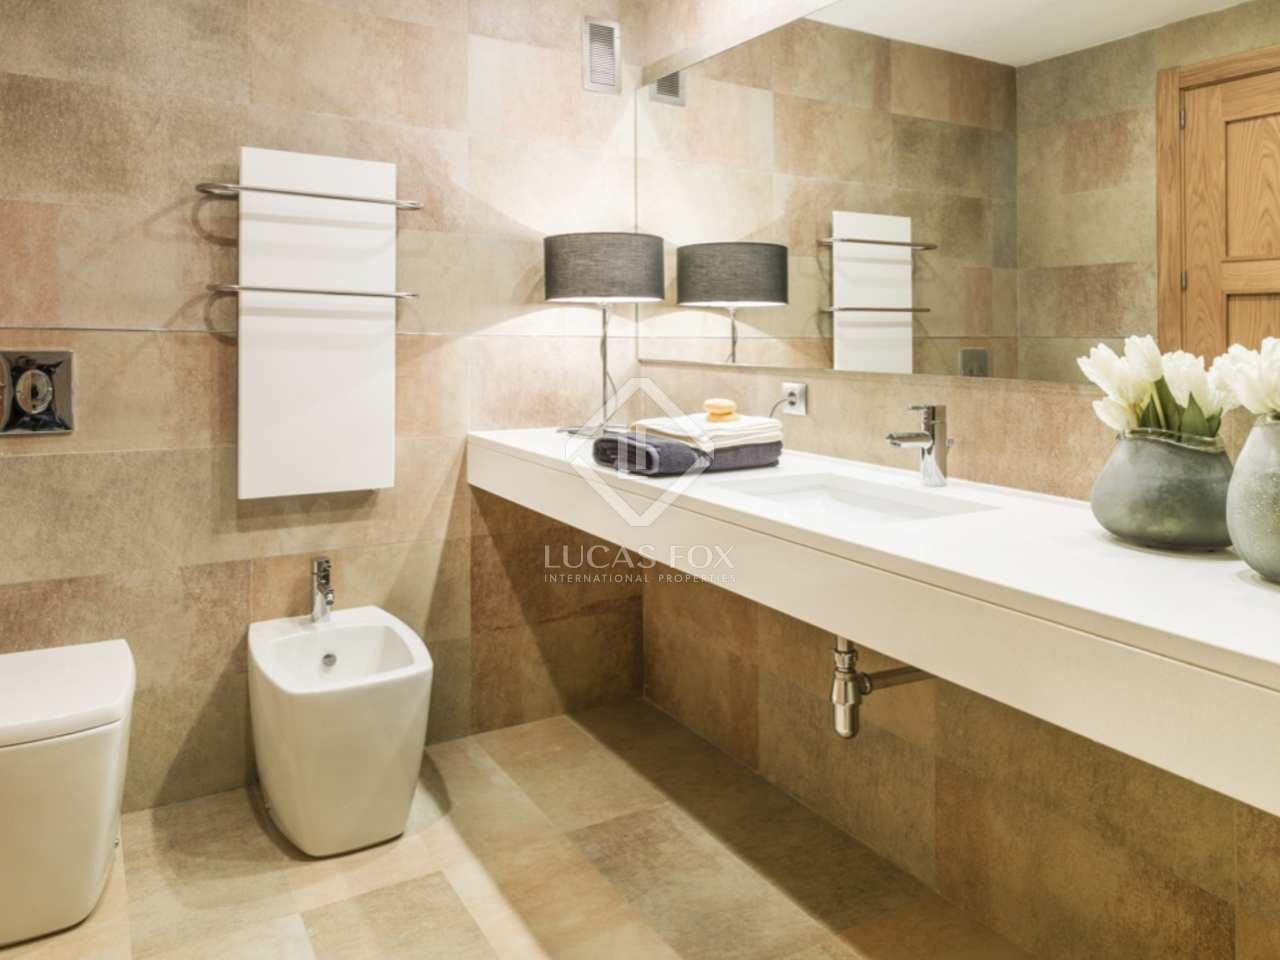 neubau wohnungen zum verkauf in palma mallorca. Black Bedroom Furniture Sets. Home Design Ideas